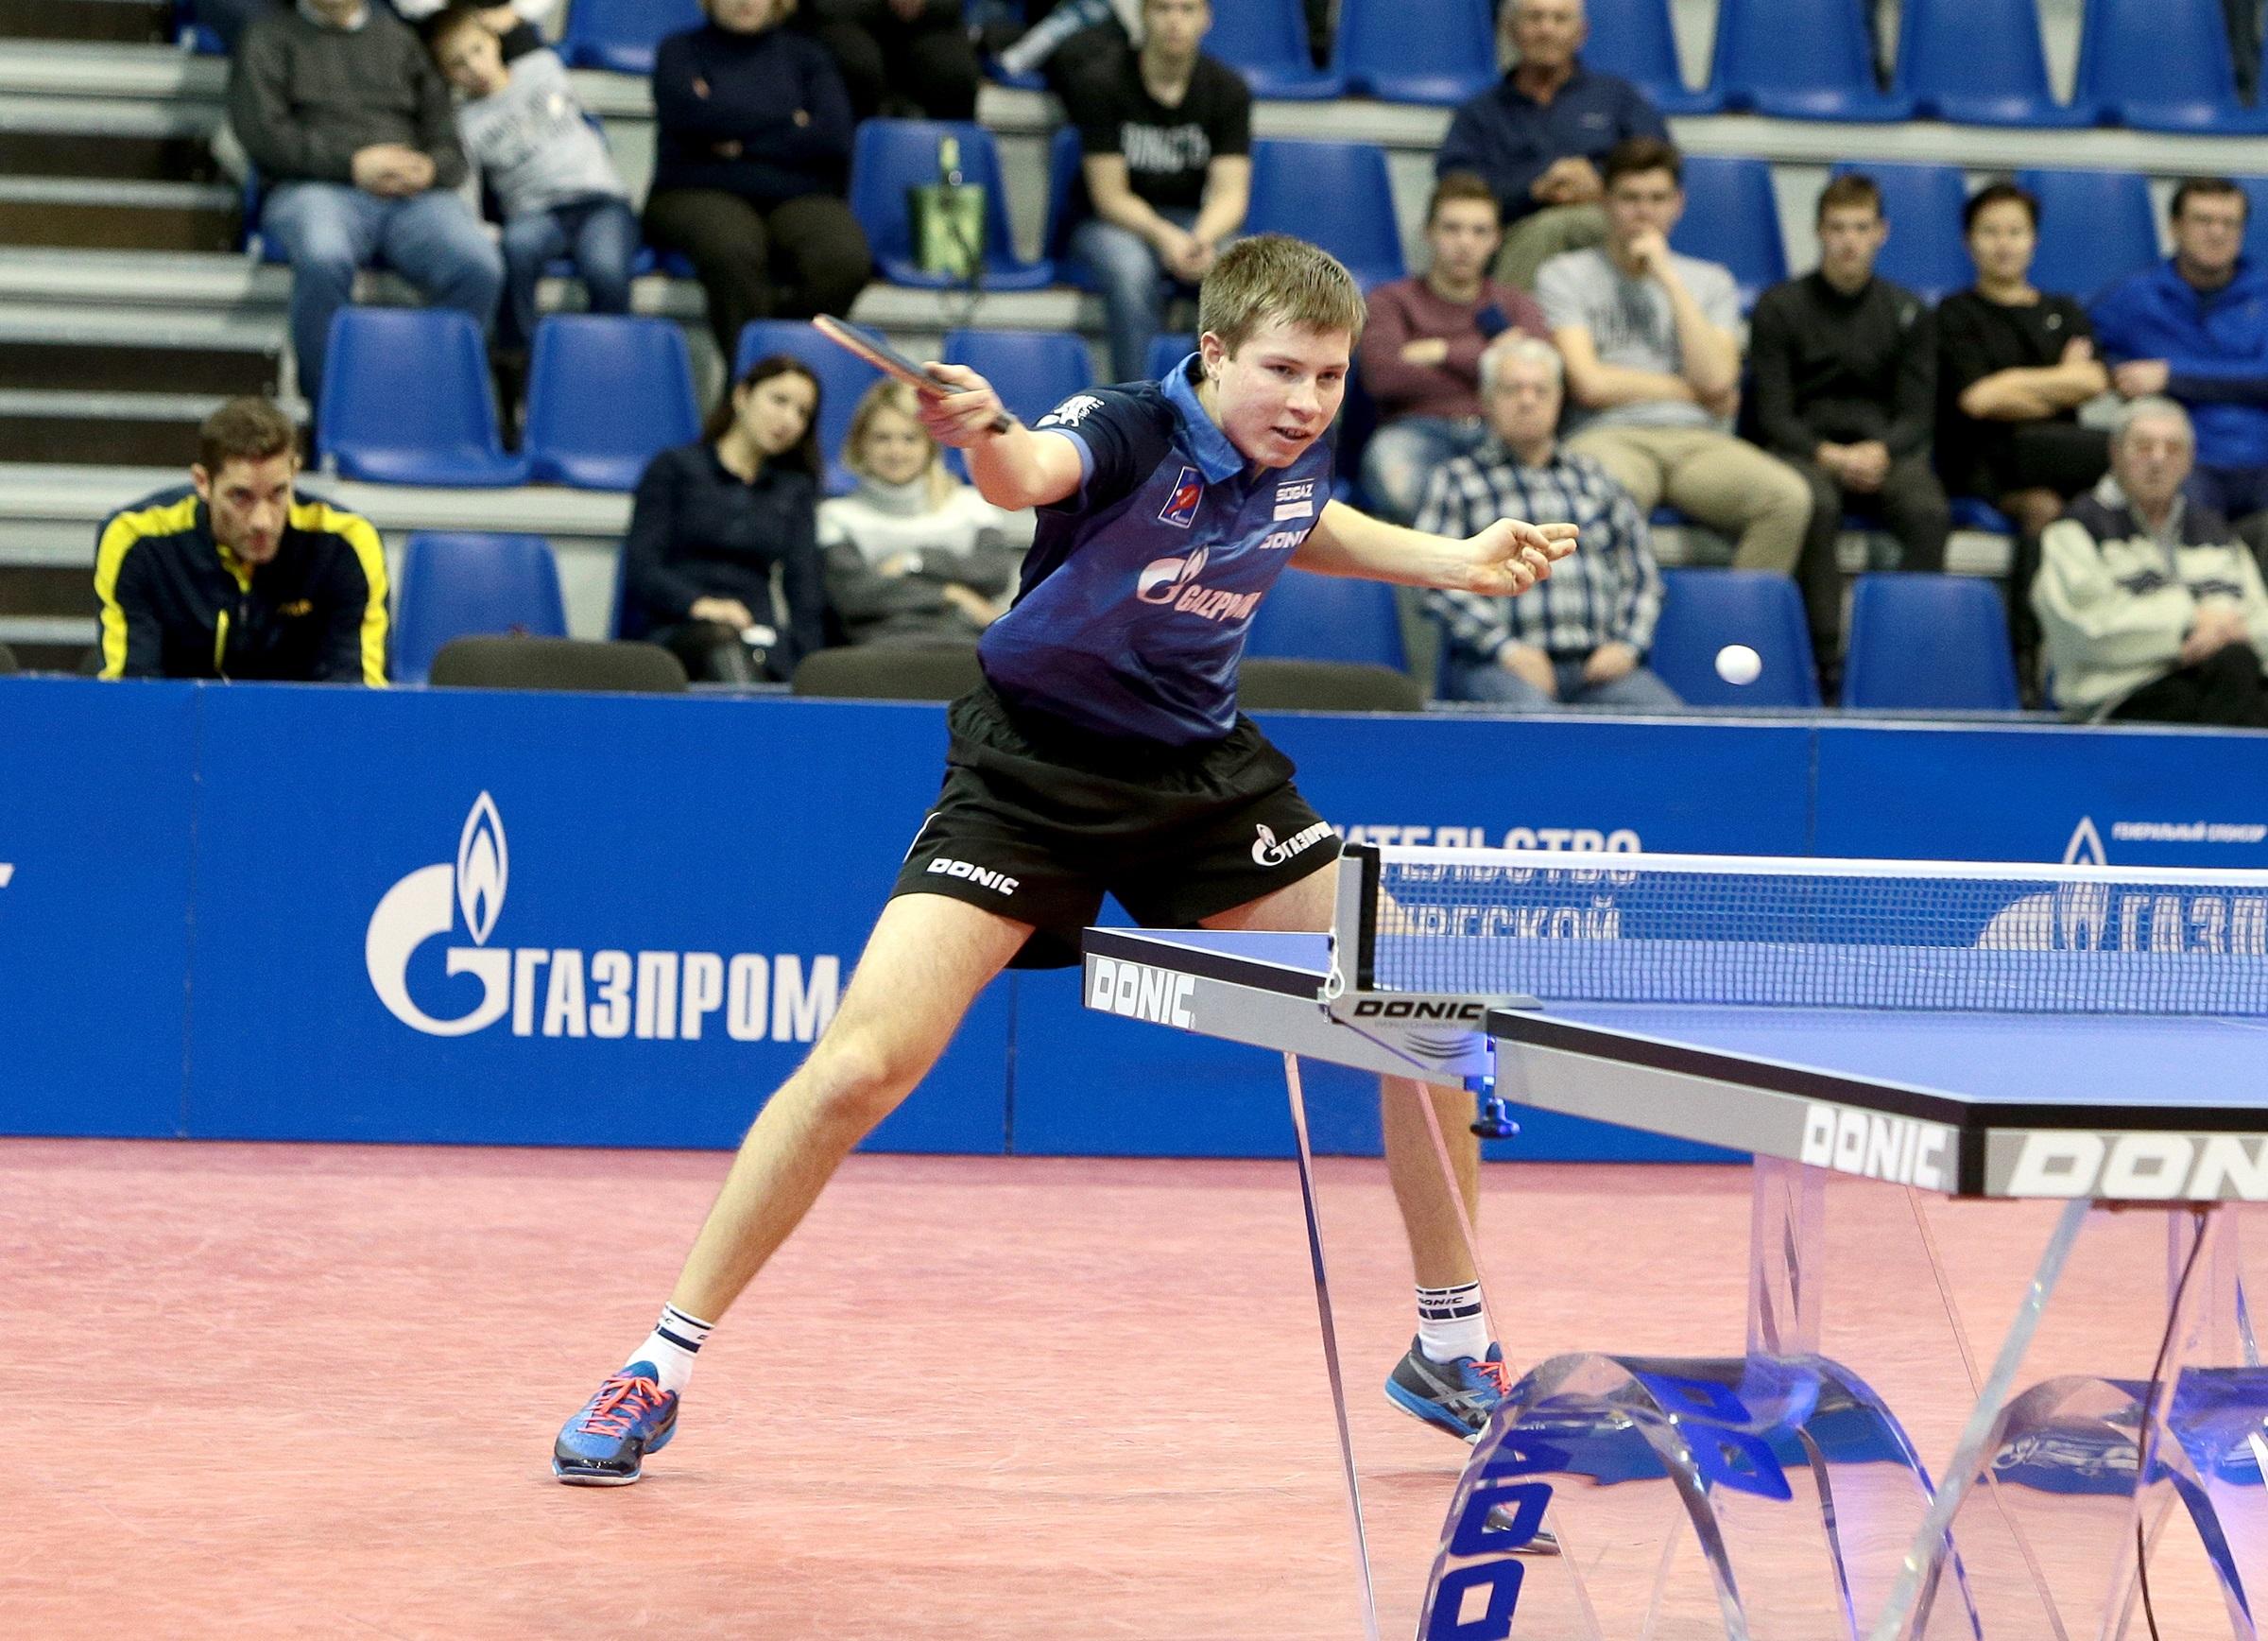 Одиннадцать оренбургских теннисистов получили путевку на Чемпионат России